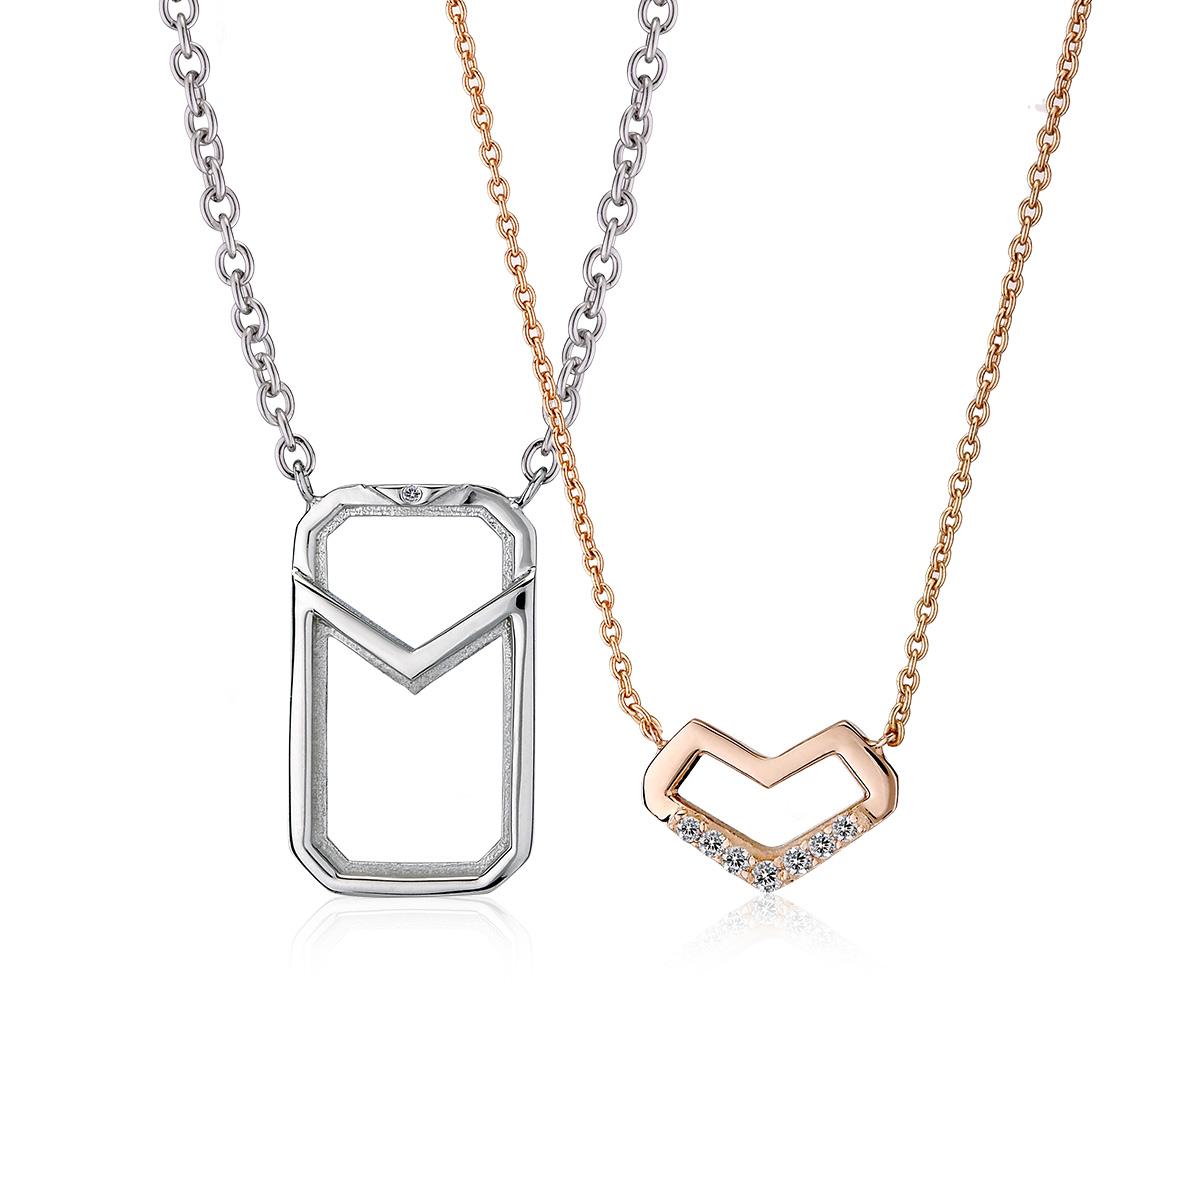 ASH133 寄心幾何簍空拼圖純銀對鍊